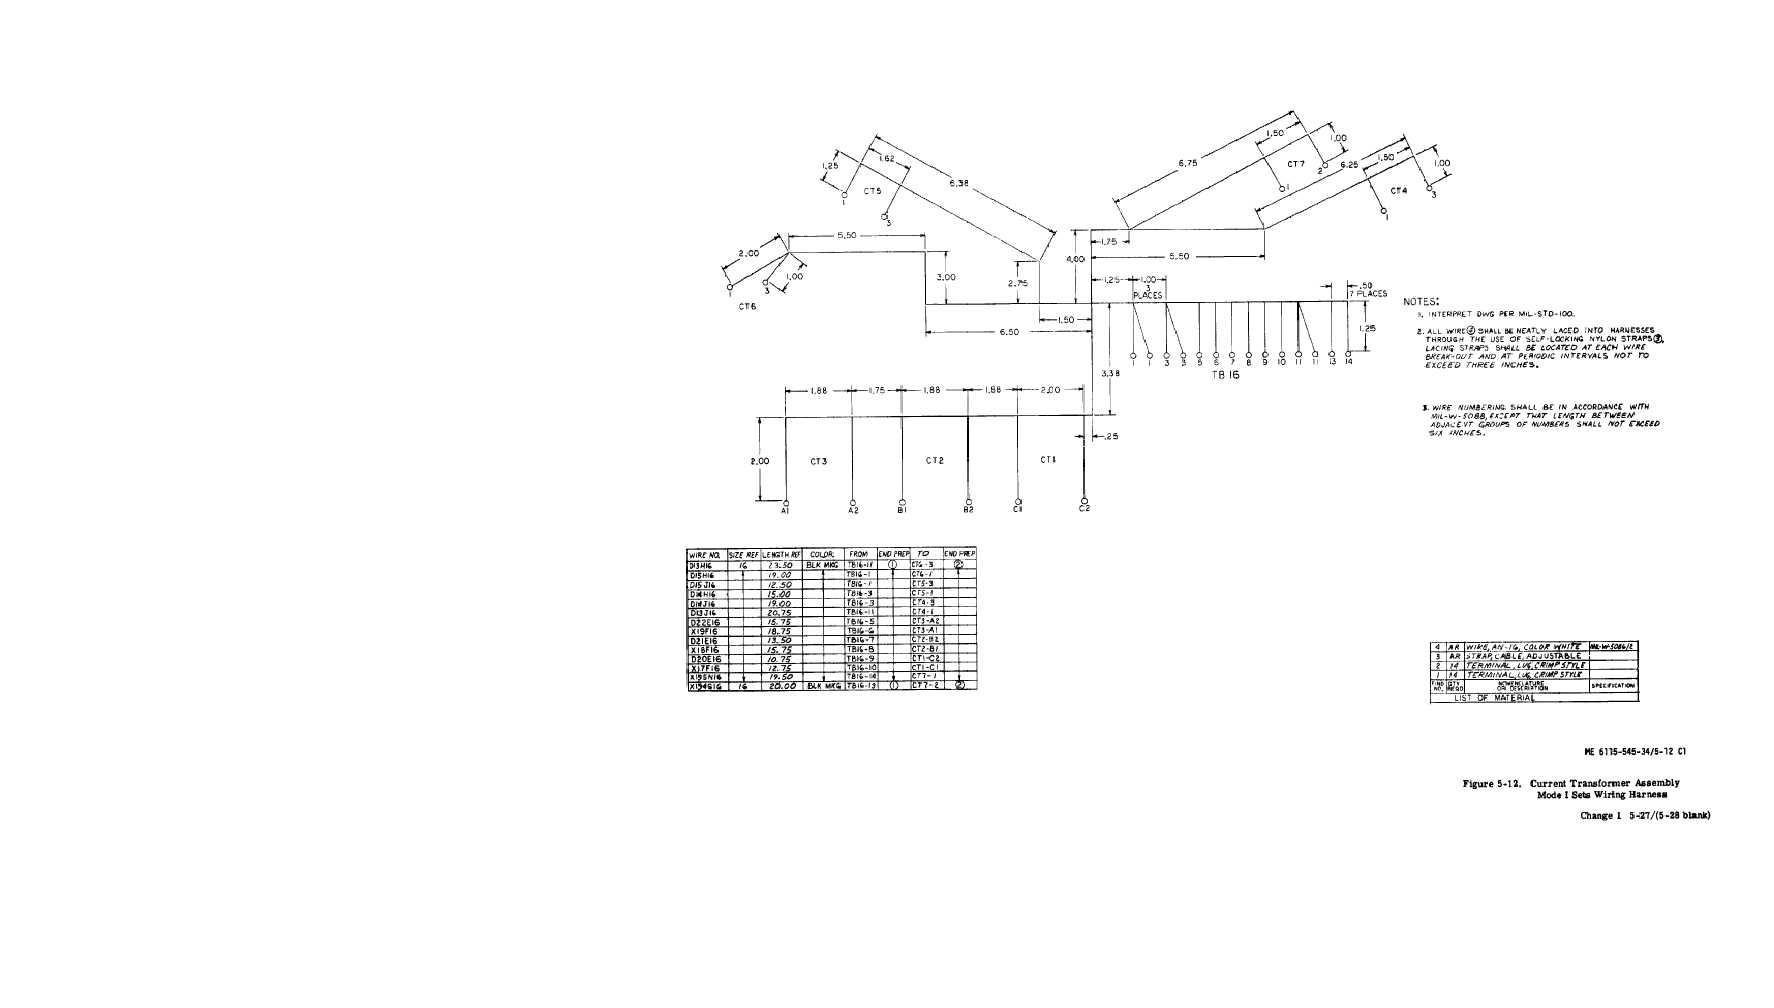 Figure 5 12 Curennt Transformer Assembly